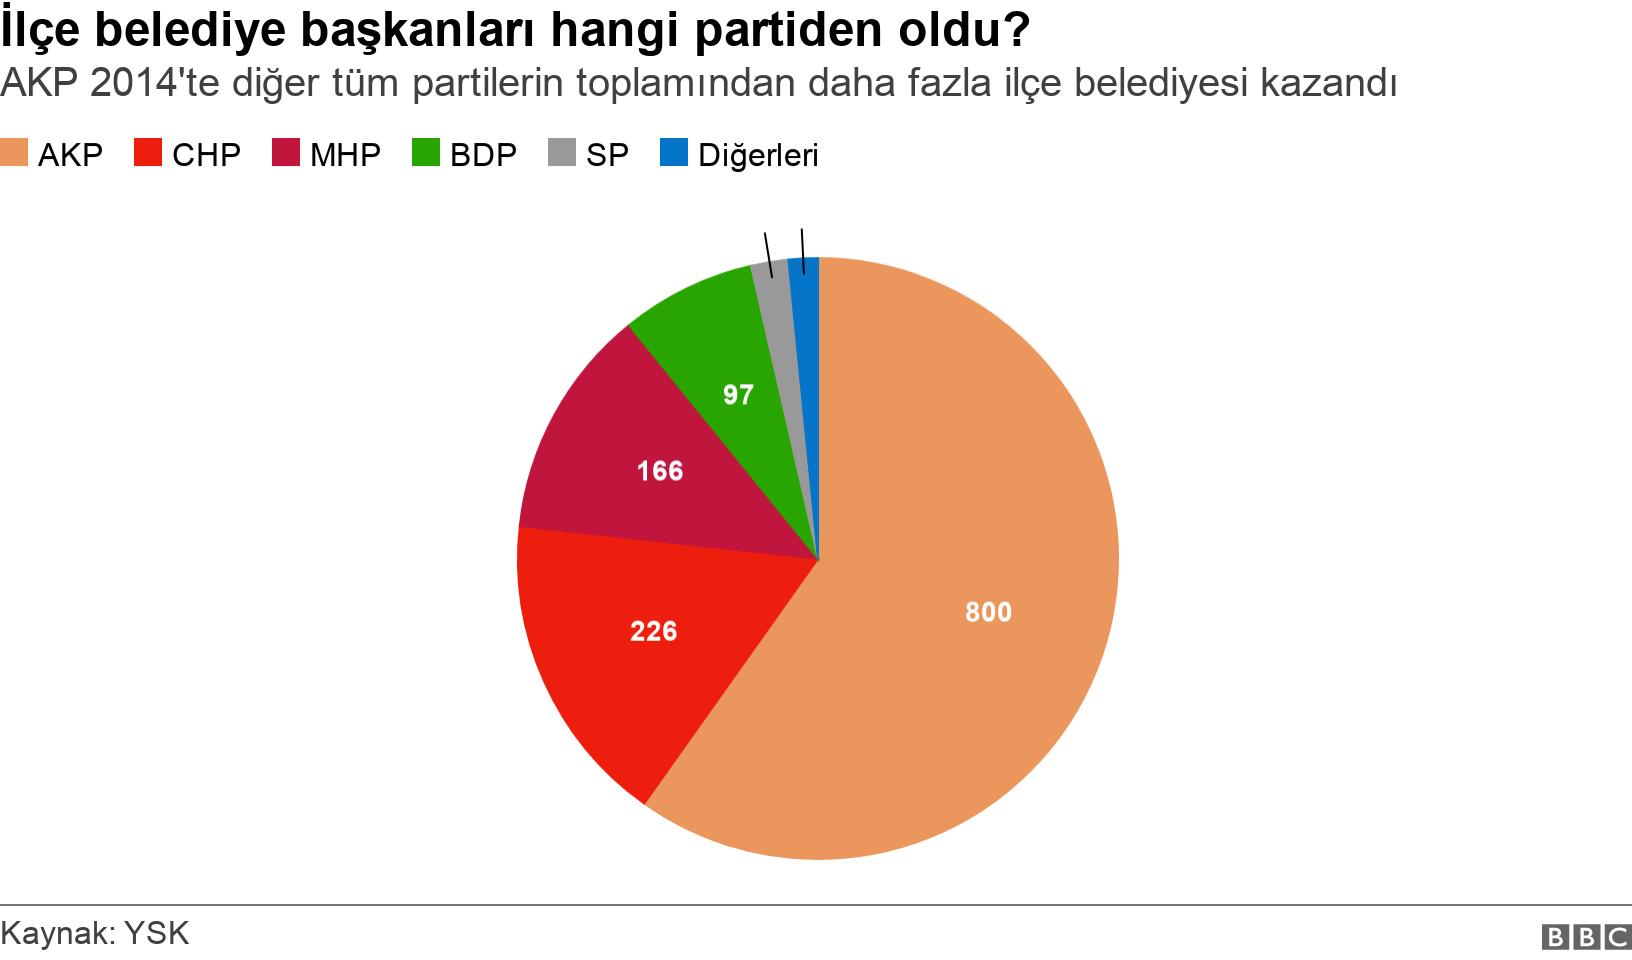 İlçe belediye başkanları hangi partiden oldu?. AKP 2014'te diğer tüm partilerin toplamından daha fazla ilçe belediyesi kazandı.  .